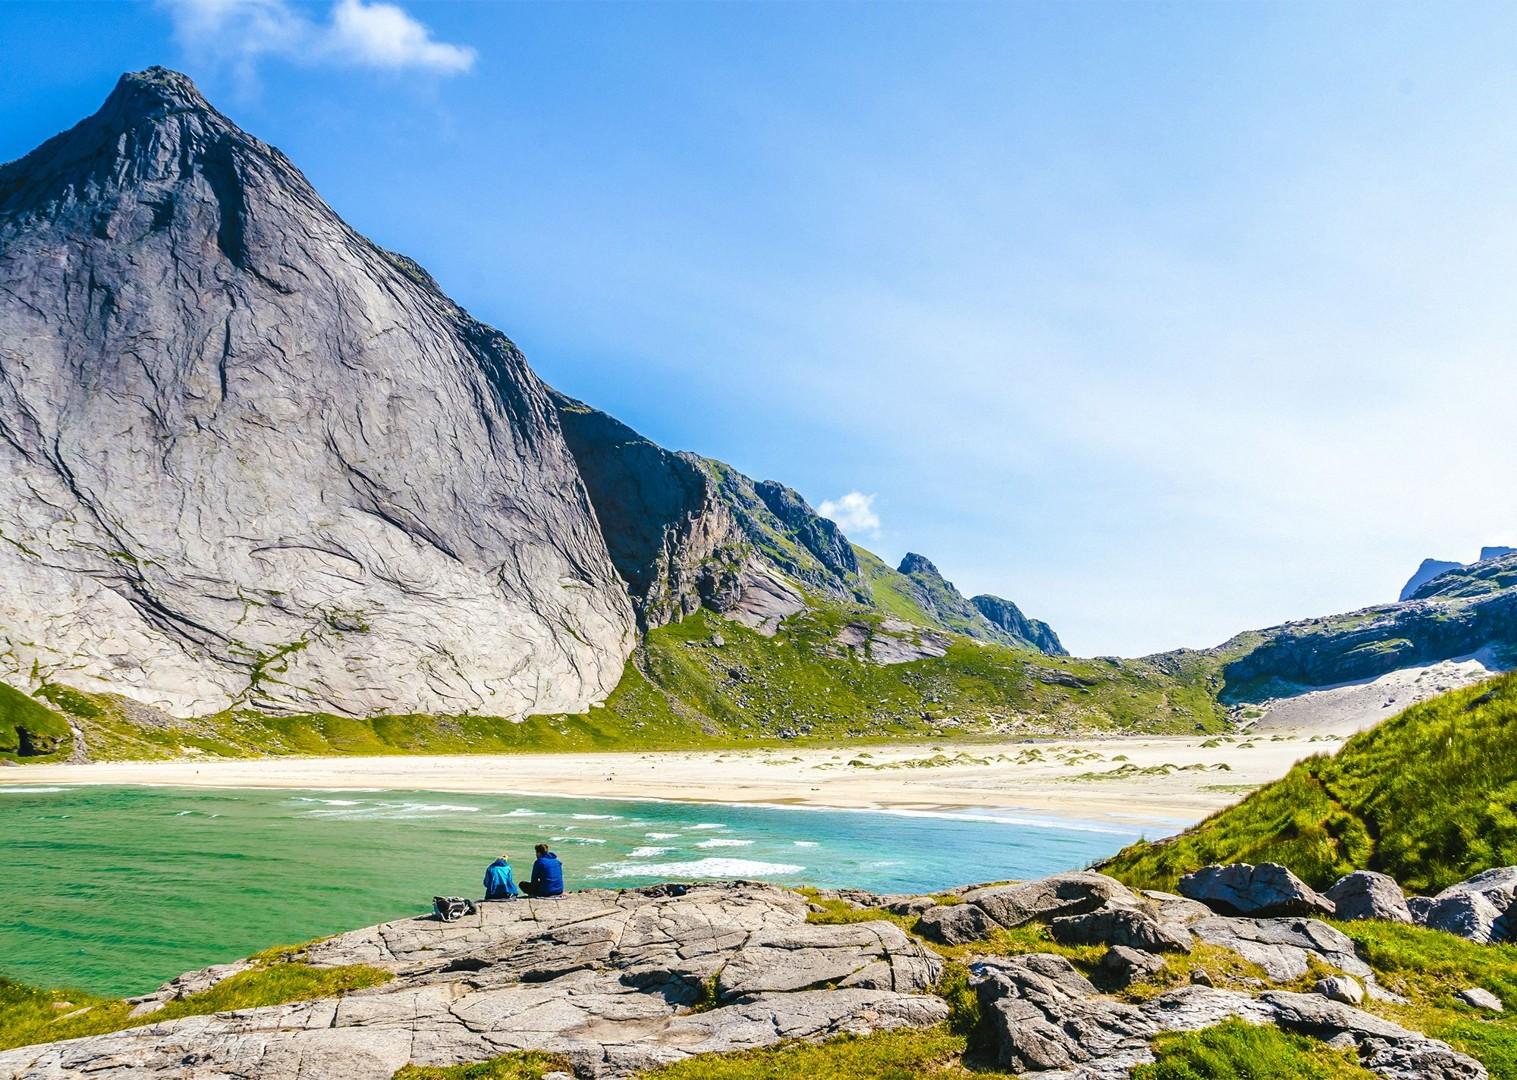 beach-fun-self-guided-holiday-tour-mountains-relaxing-cycling-leisure-tour.jpg - Norway - Lofoten Islands - Self-Guided Leisure Cycling Holiday - Leisure Cycling